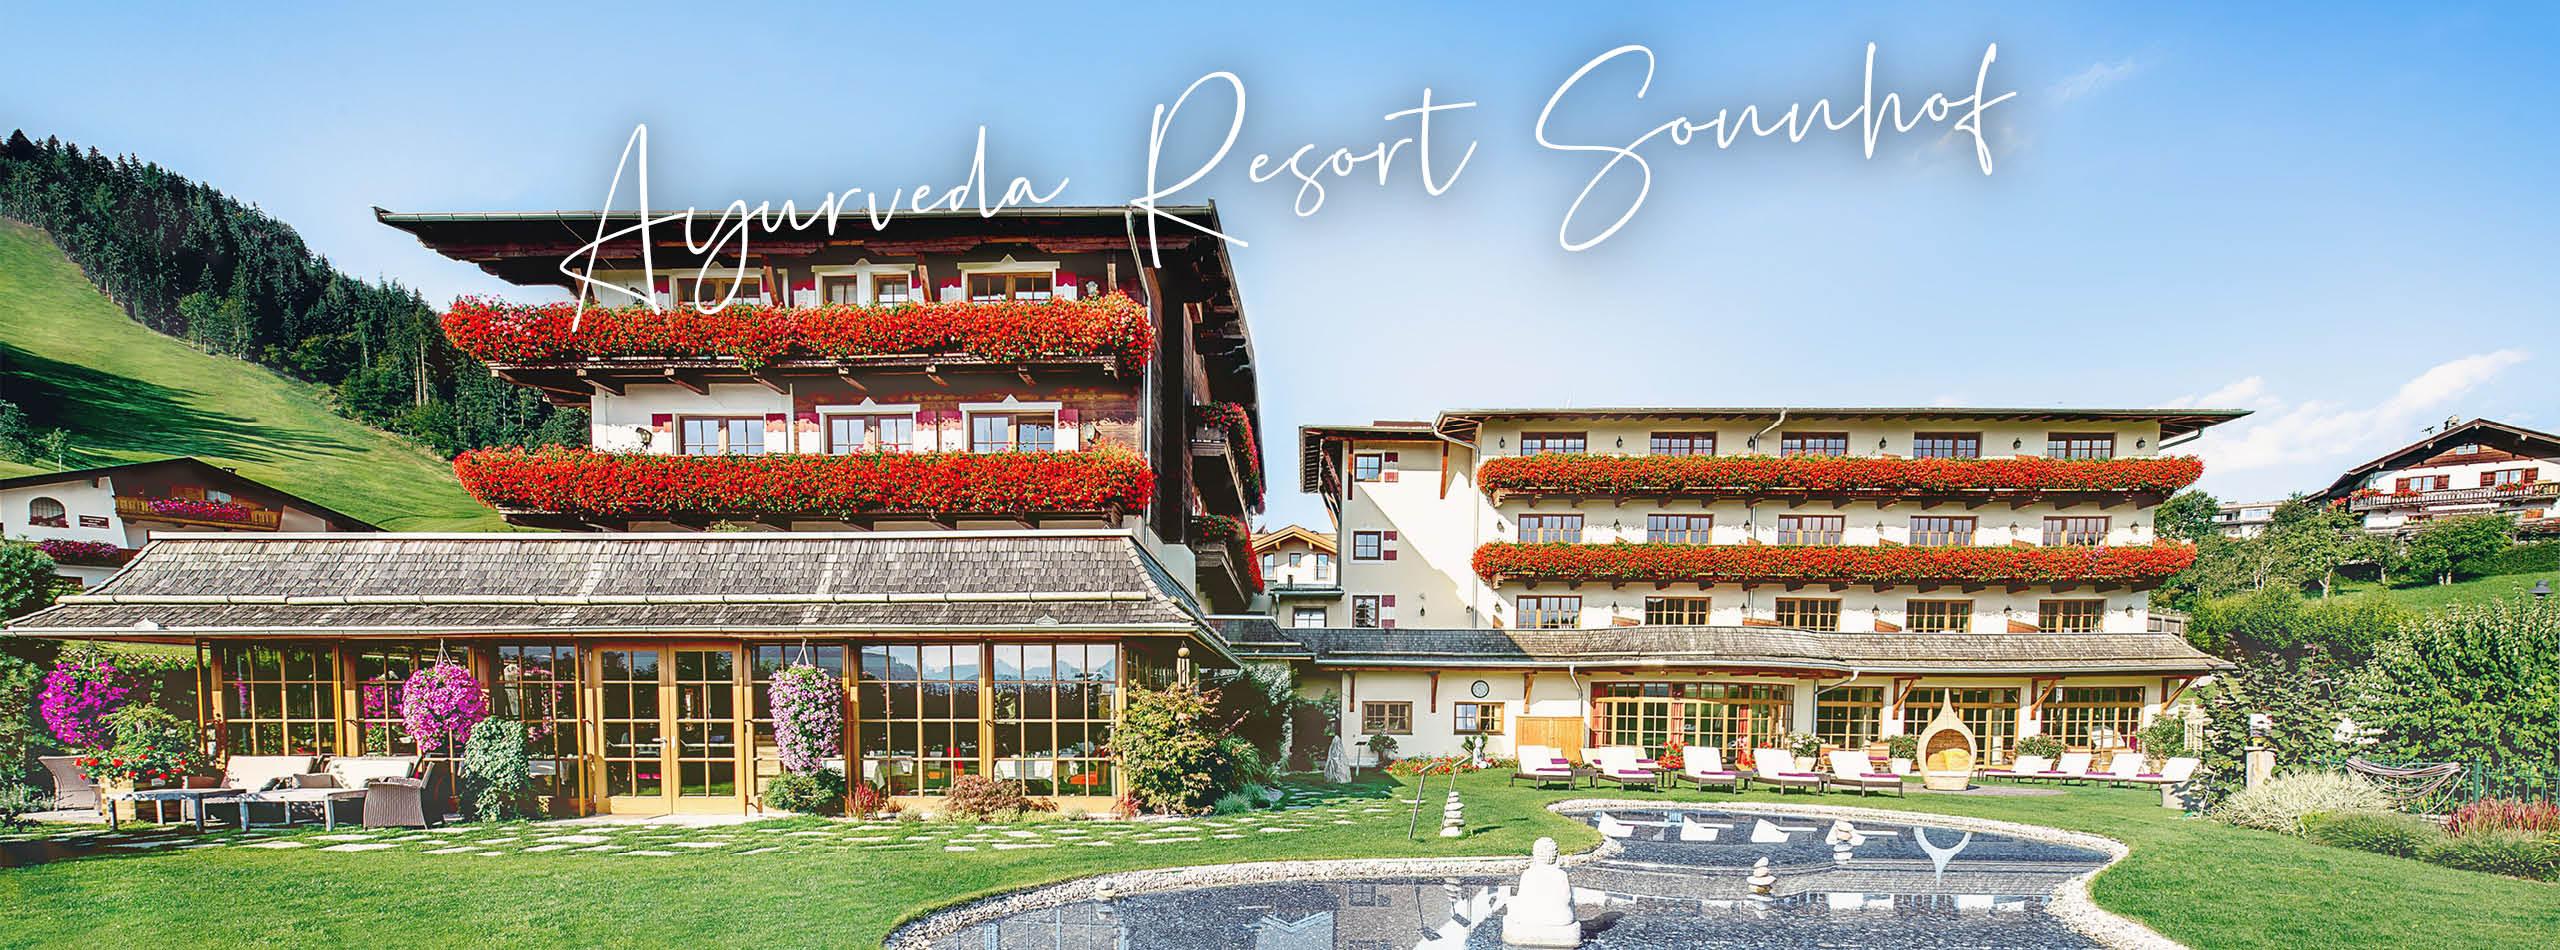 Niche Destinations Hotel Collection Ayurveda Resort Sonnhof